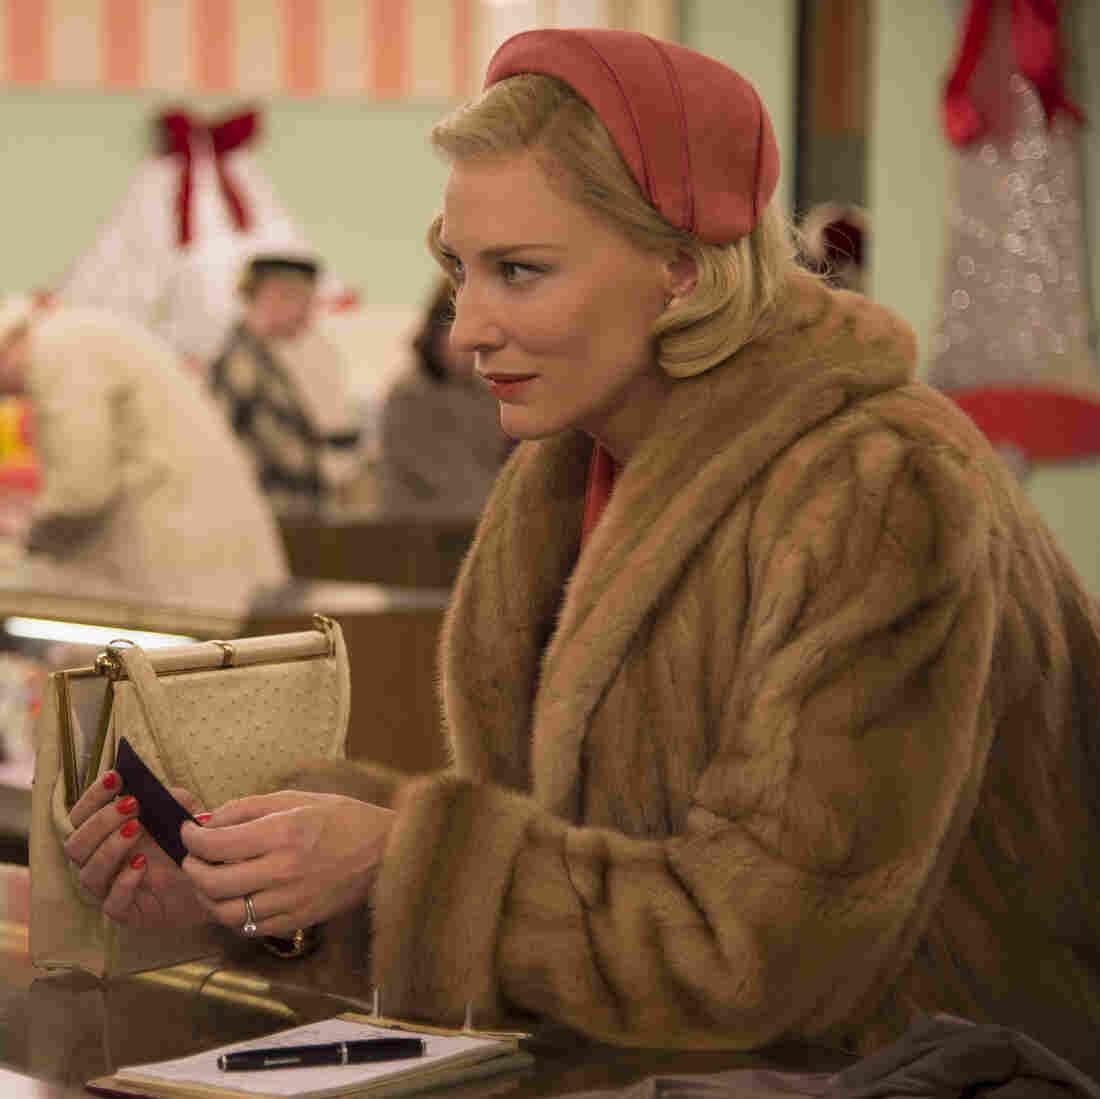 Women In Love In The Ravishing 'Carol'